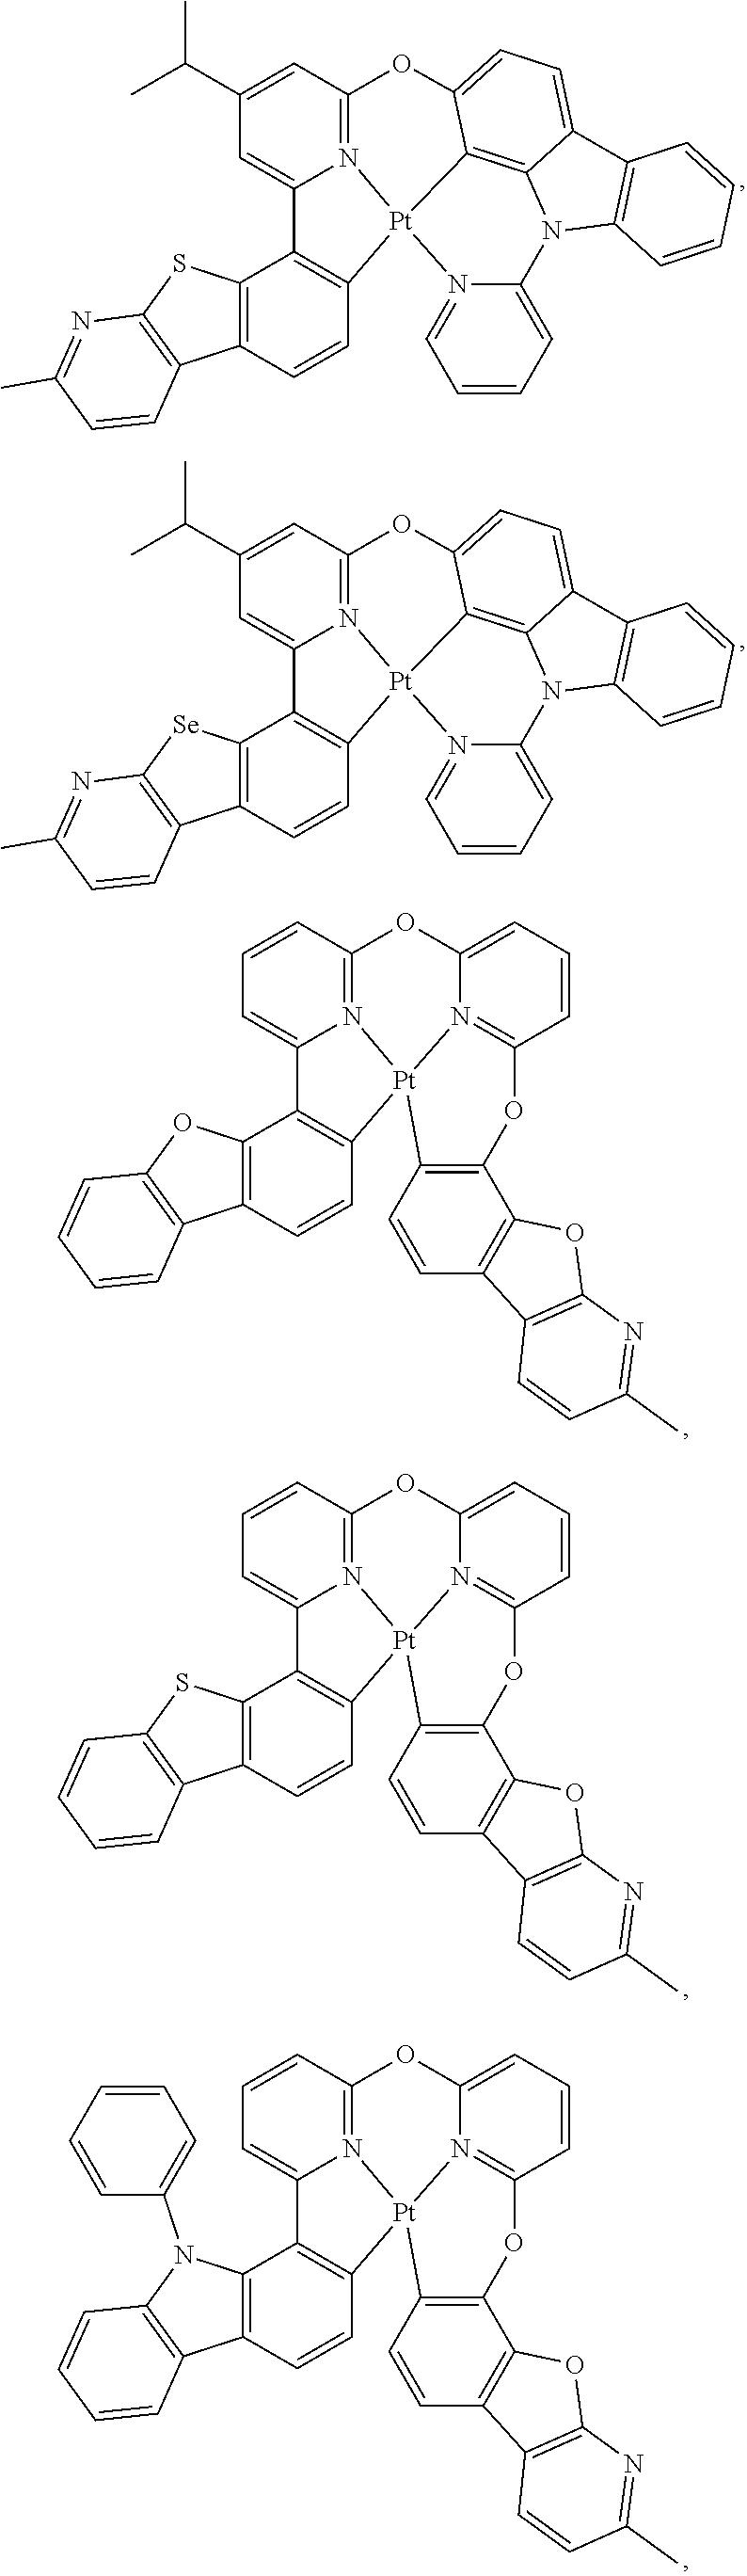 Figure US09871214-20180116-C00051